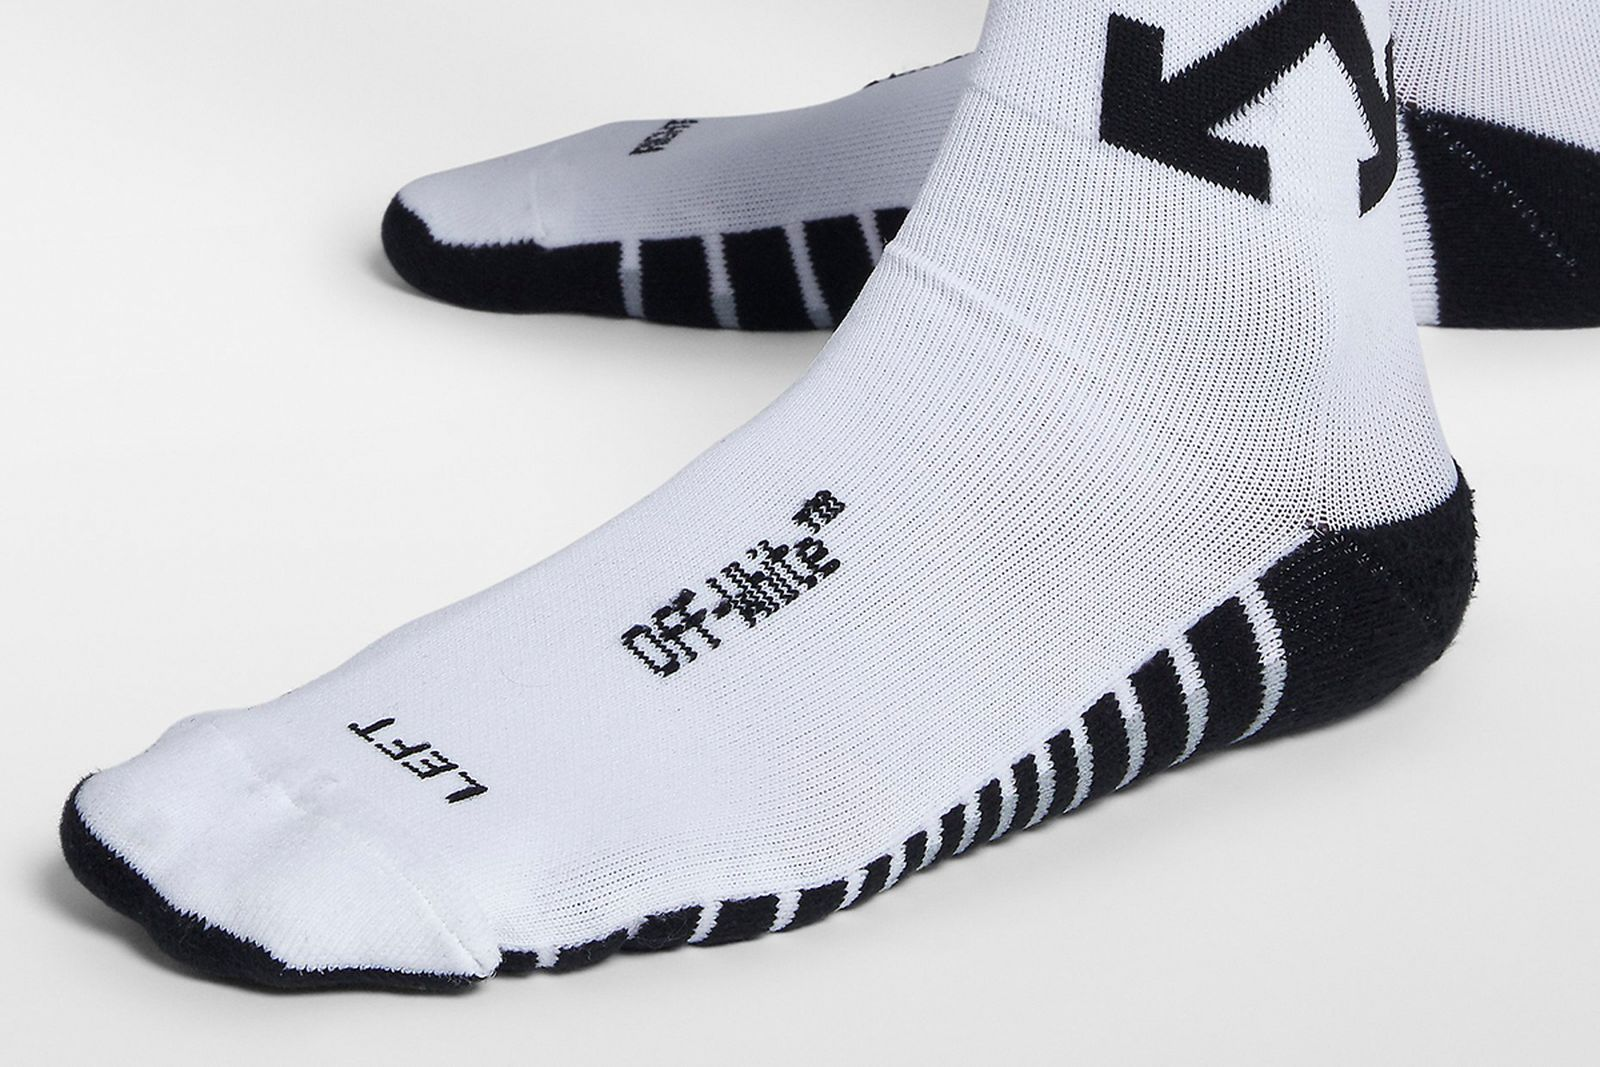 soccer socks white2 2018 FIFA World Cup Nike OFF-WHITE c/o Virgil Abloh